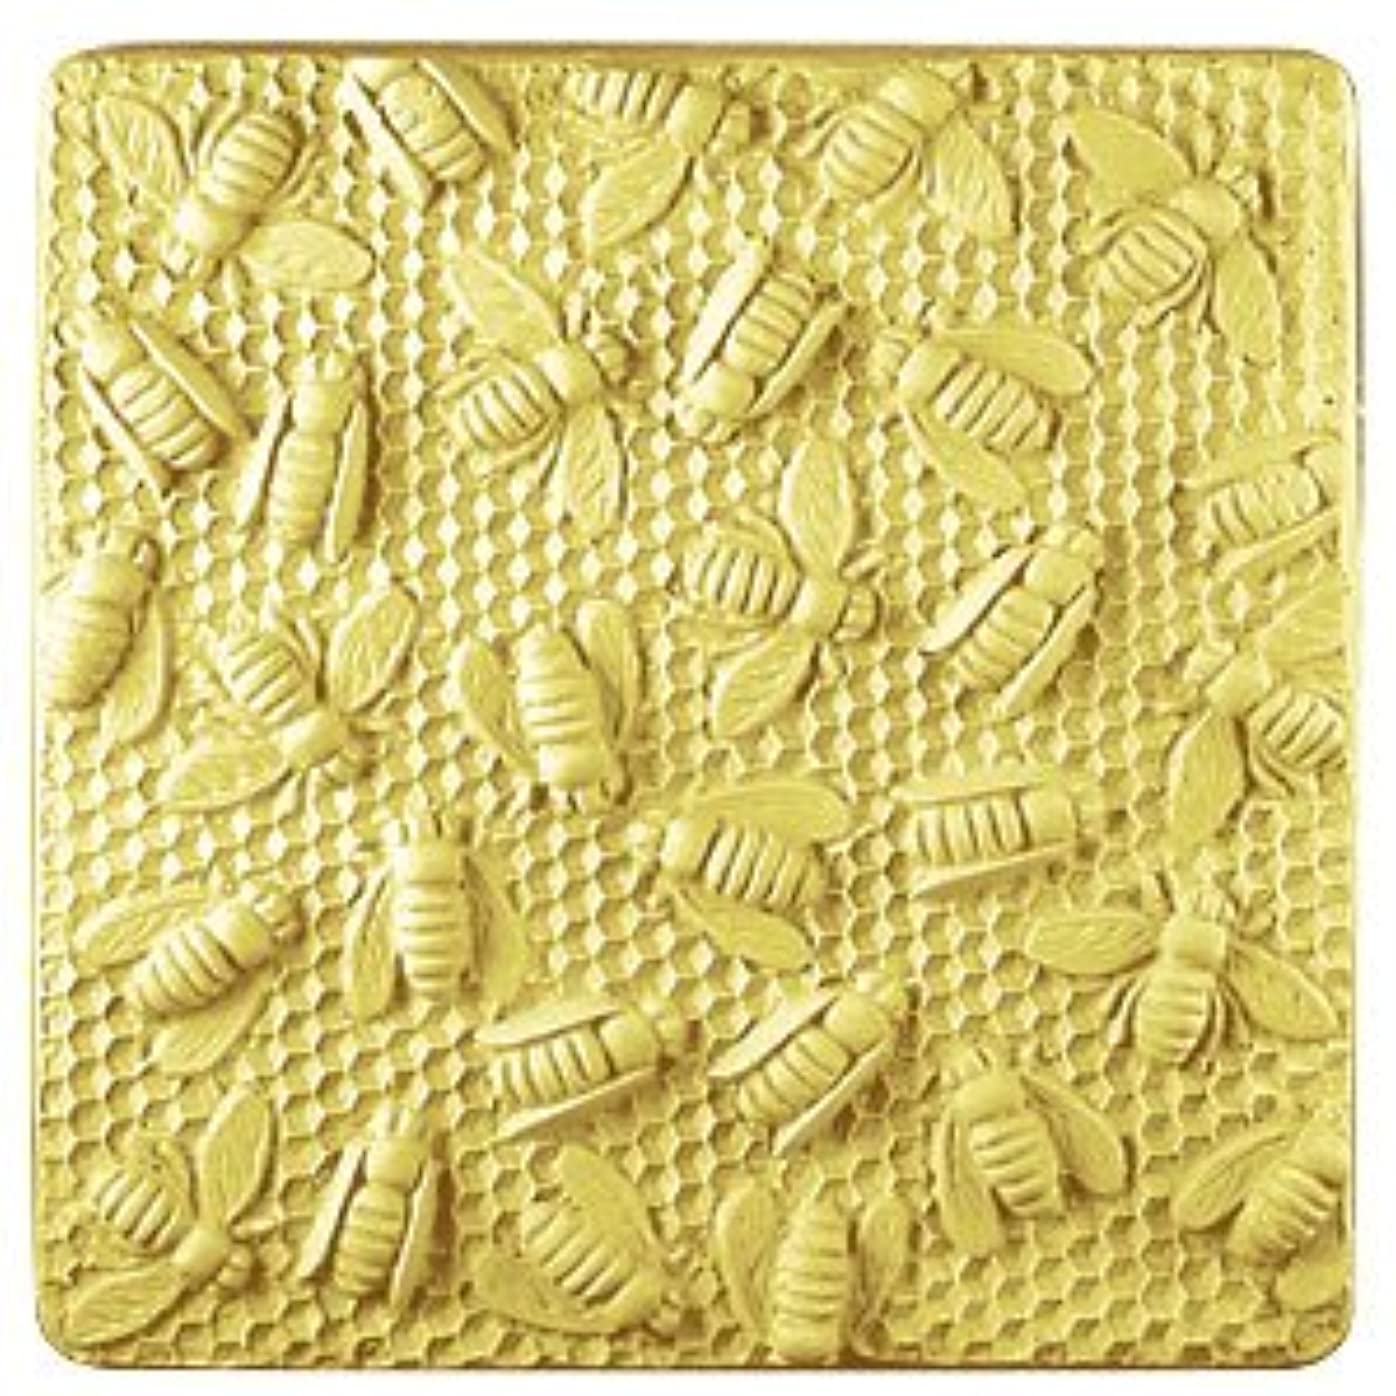 閲覧する栄光書くミルキーウェイ ミツバチ巣箱トレイ 【ソープモールド/石鹸型/シートモールド】